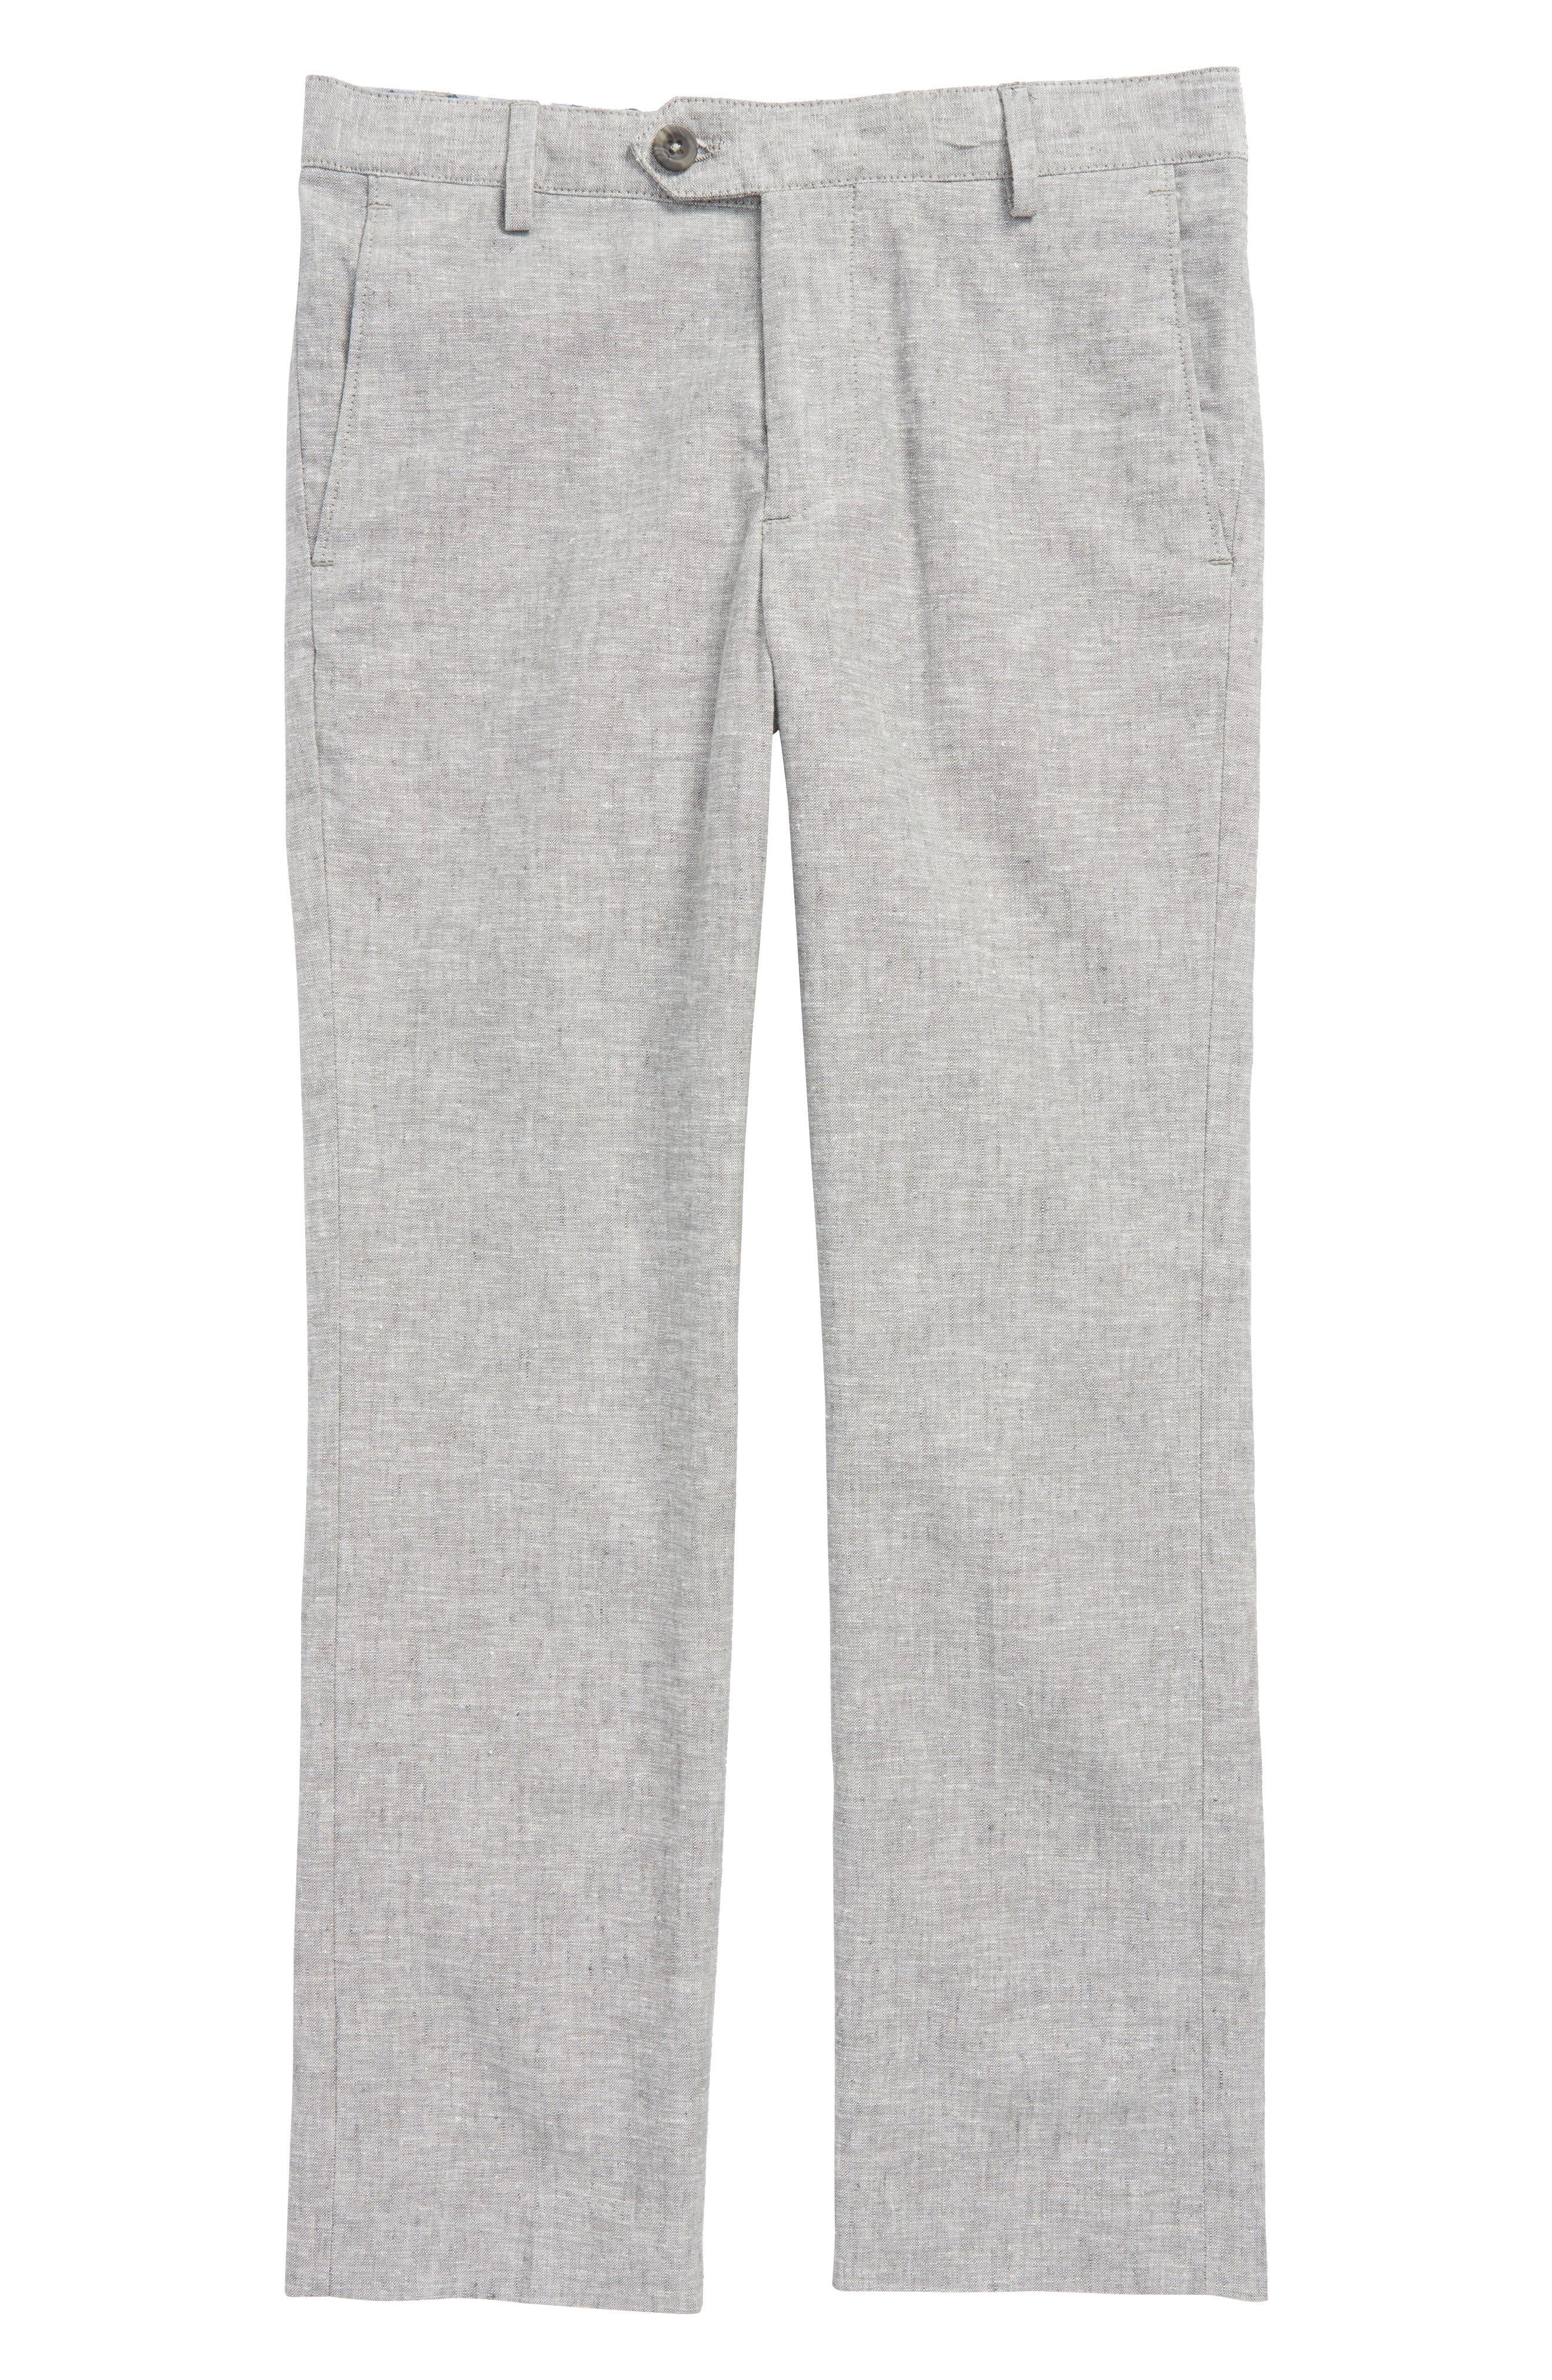 Elliott Flat Front Linen & Cotton Trousers,                         Main,                         color, Grey Linen